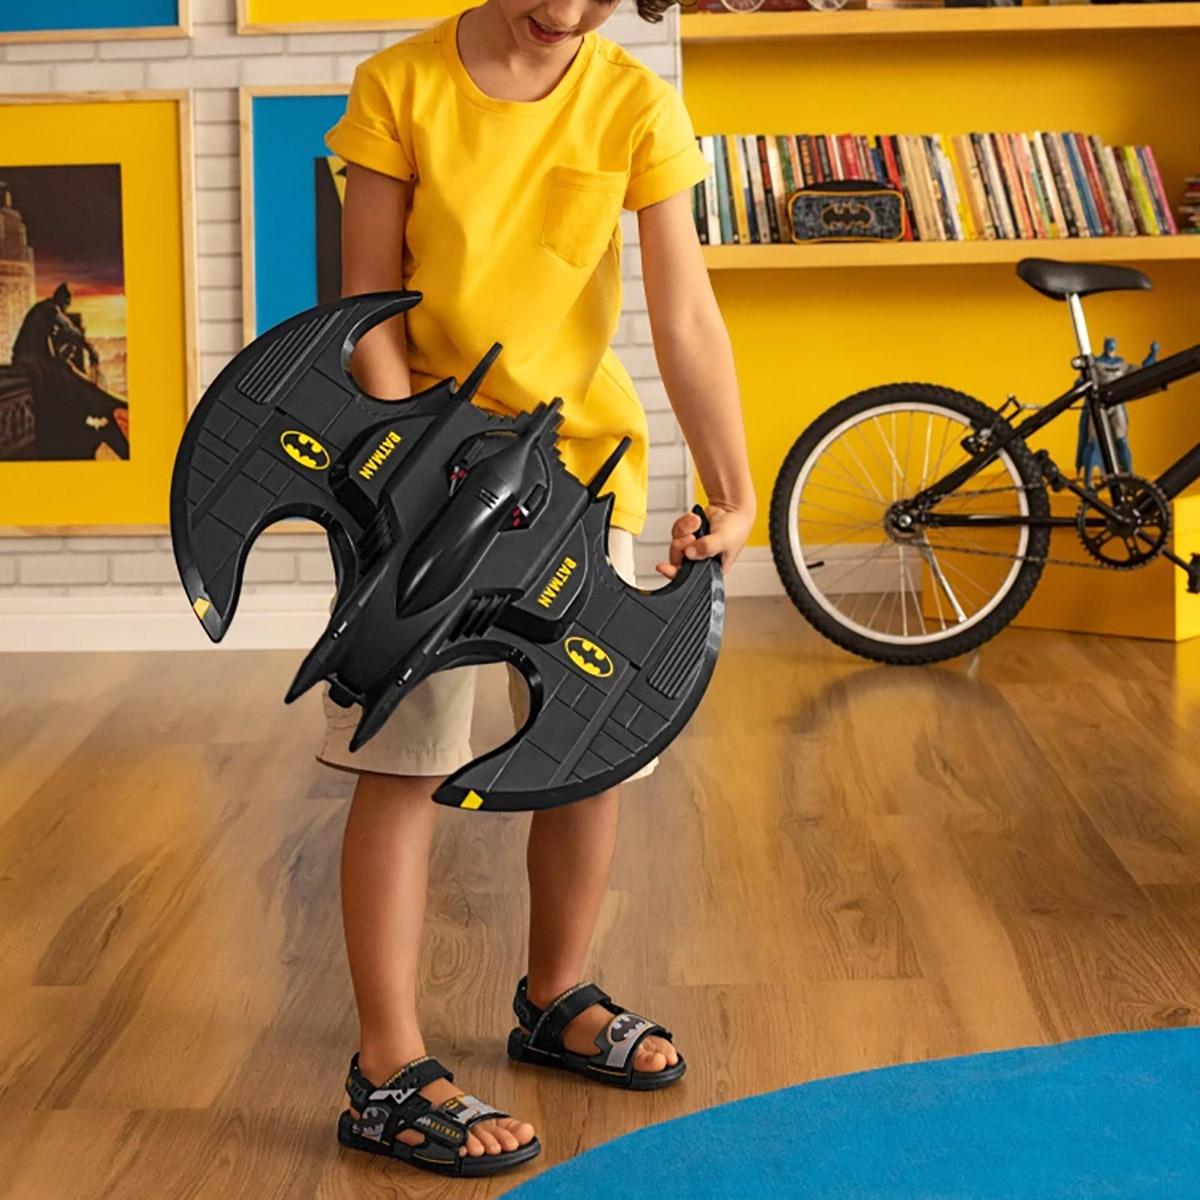 Sandalia Grendene Masculina Batman Batwing Preta